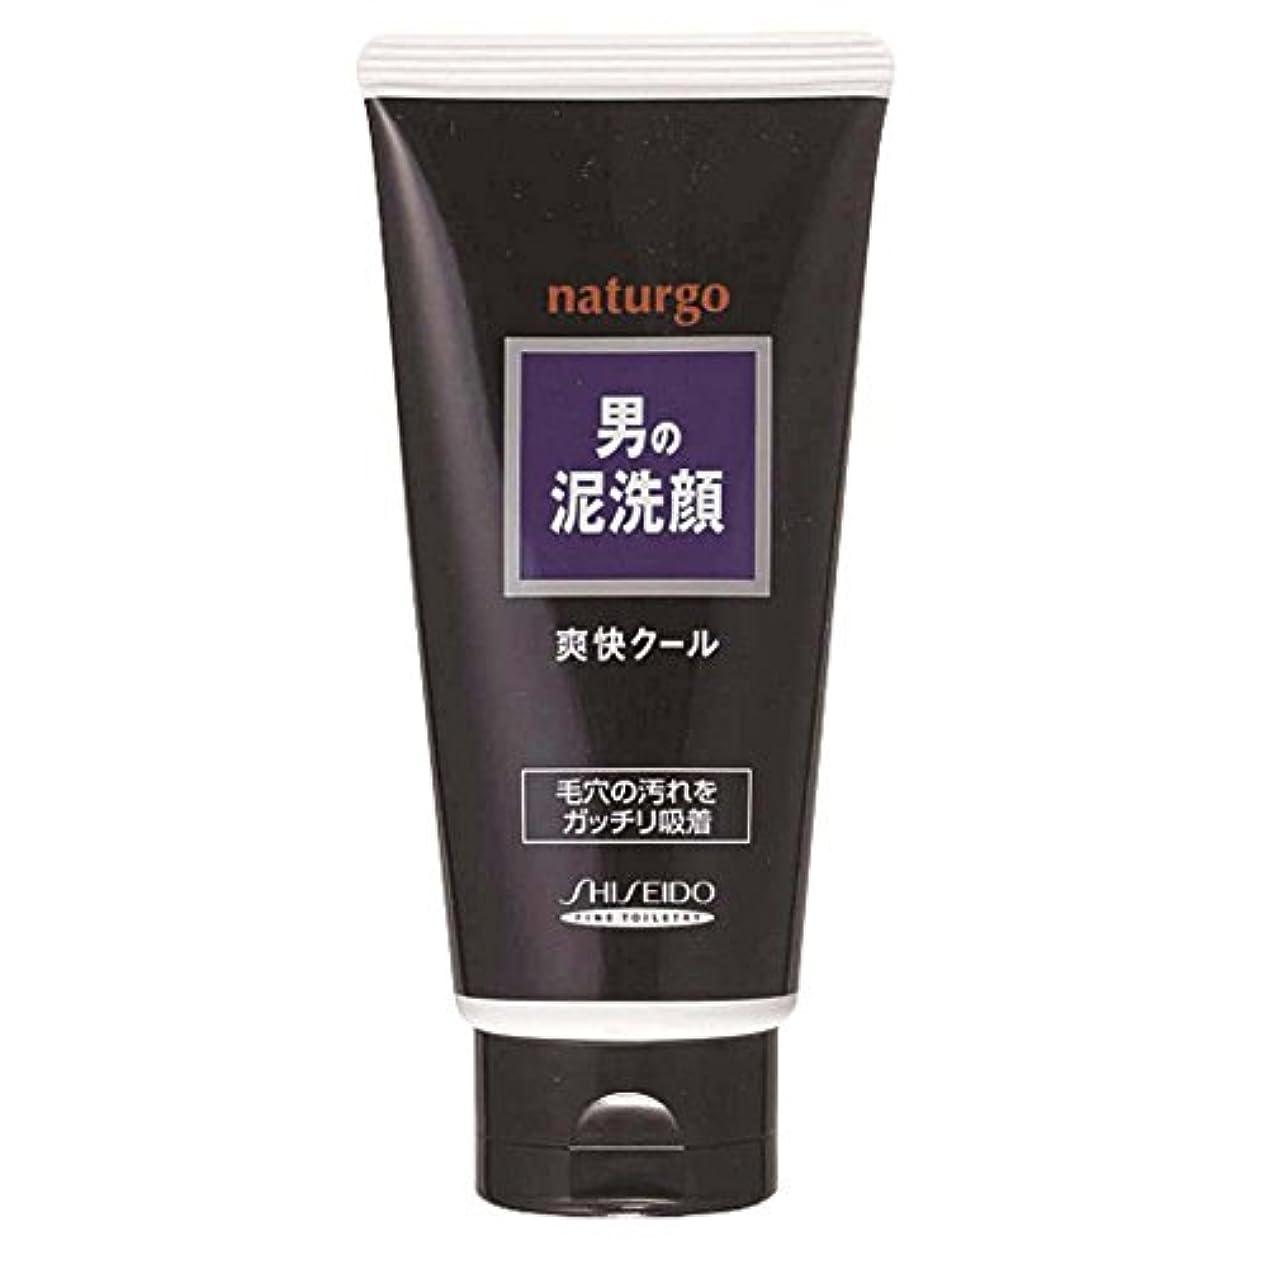 工業化するキノコ最終ナチュルゴ メンズクレイ洗顔フォーム黒 130g